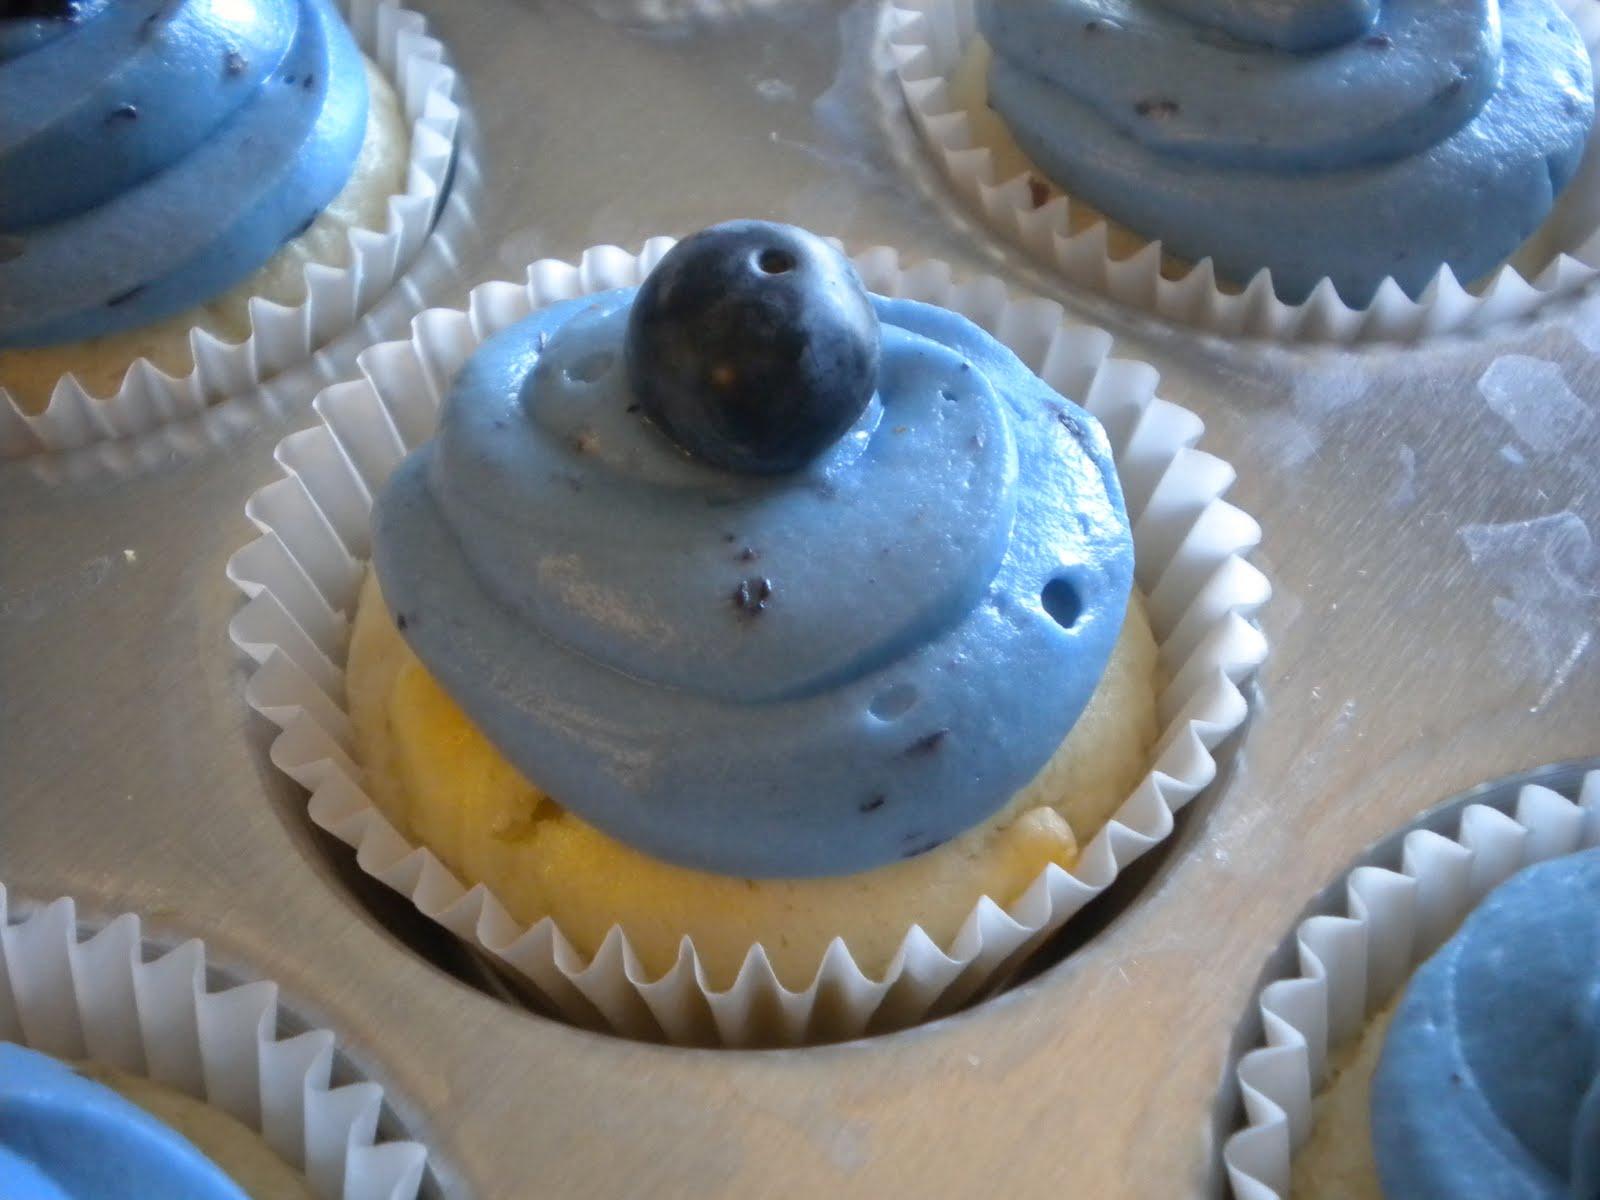 http://4.bp.blogspot.com/-z5AogawCSBs/TcCNaQm0JMI/AAAAAAAAAOs/rDLwx5jyGVA/s1600/blueberry+lemonade+cupcakes+025.jpg